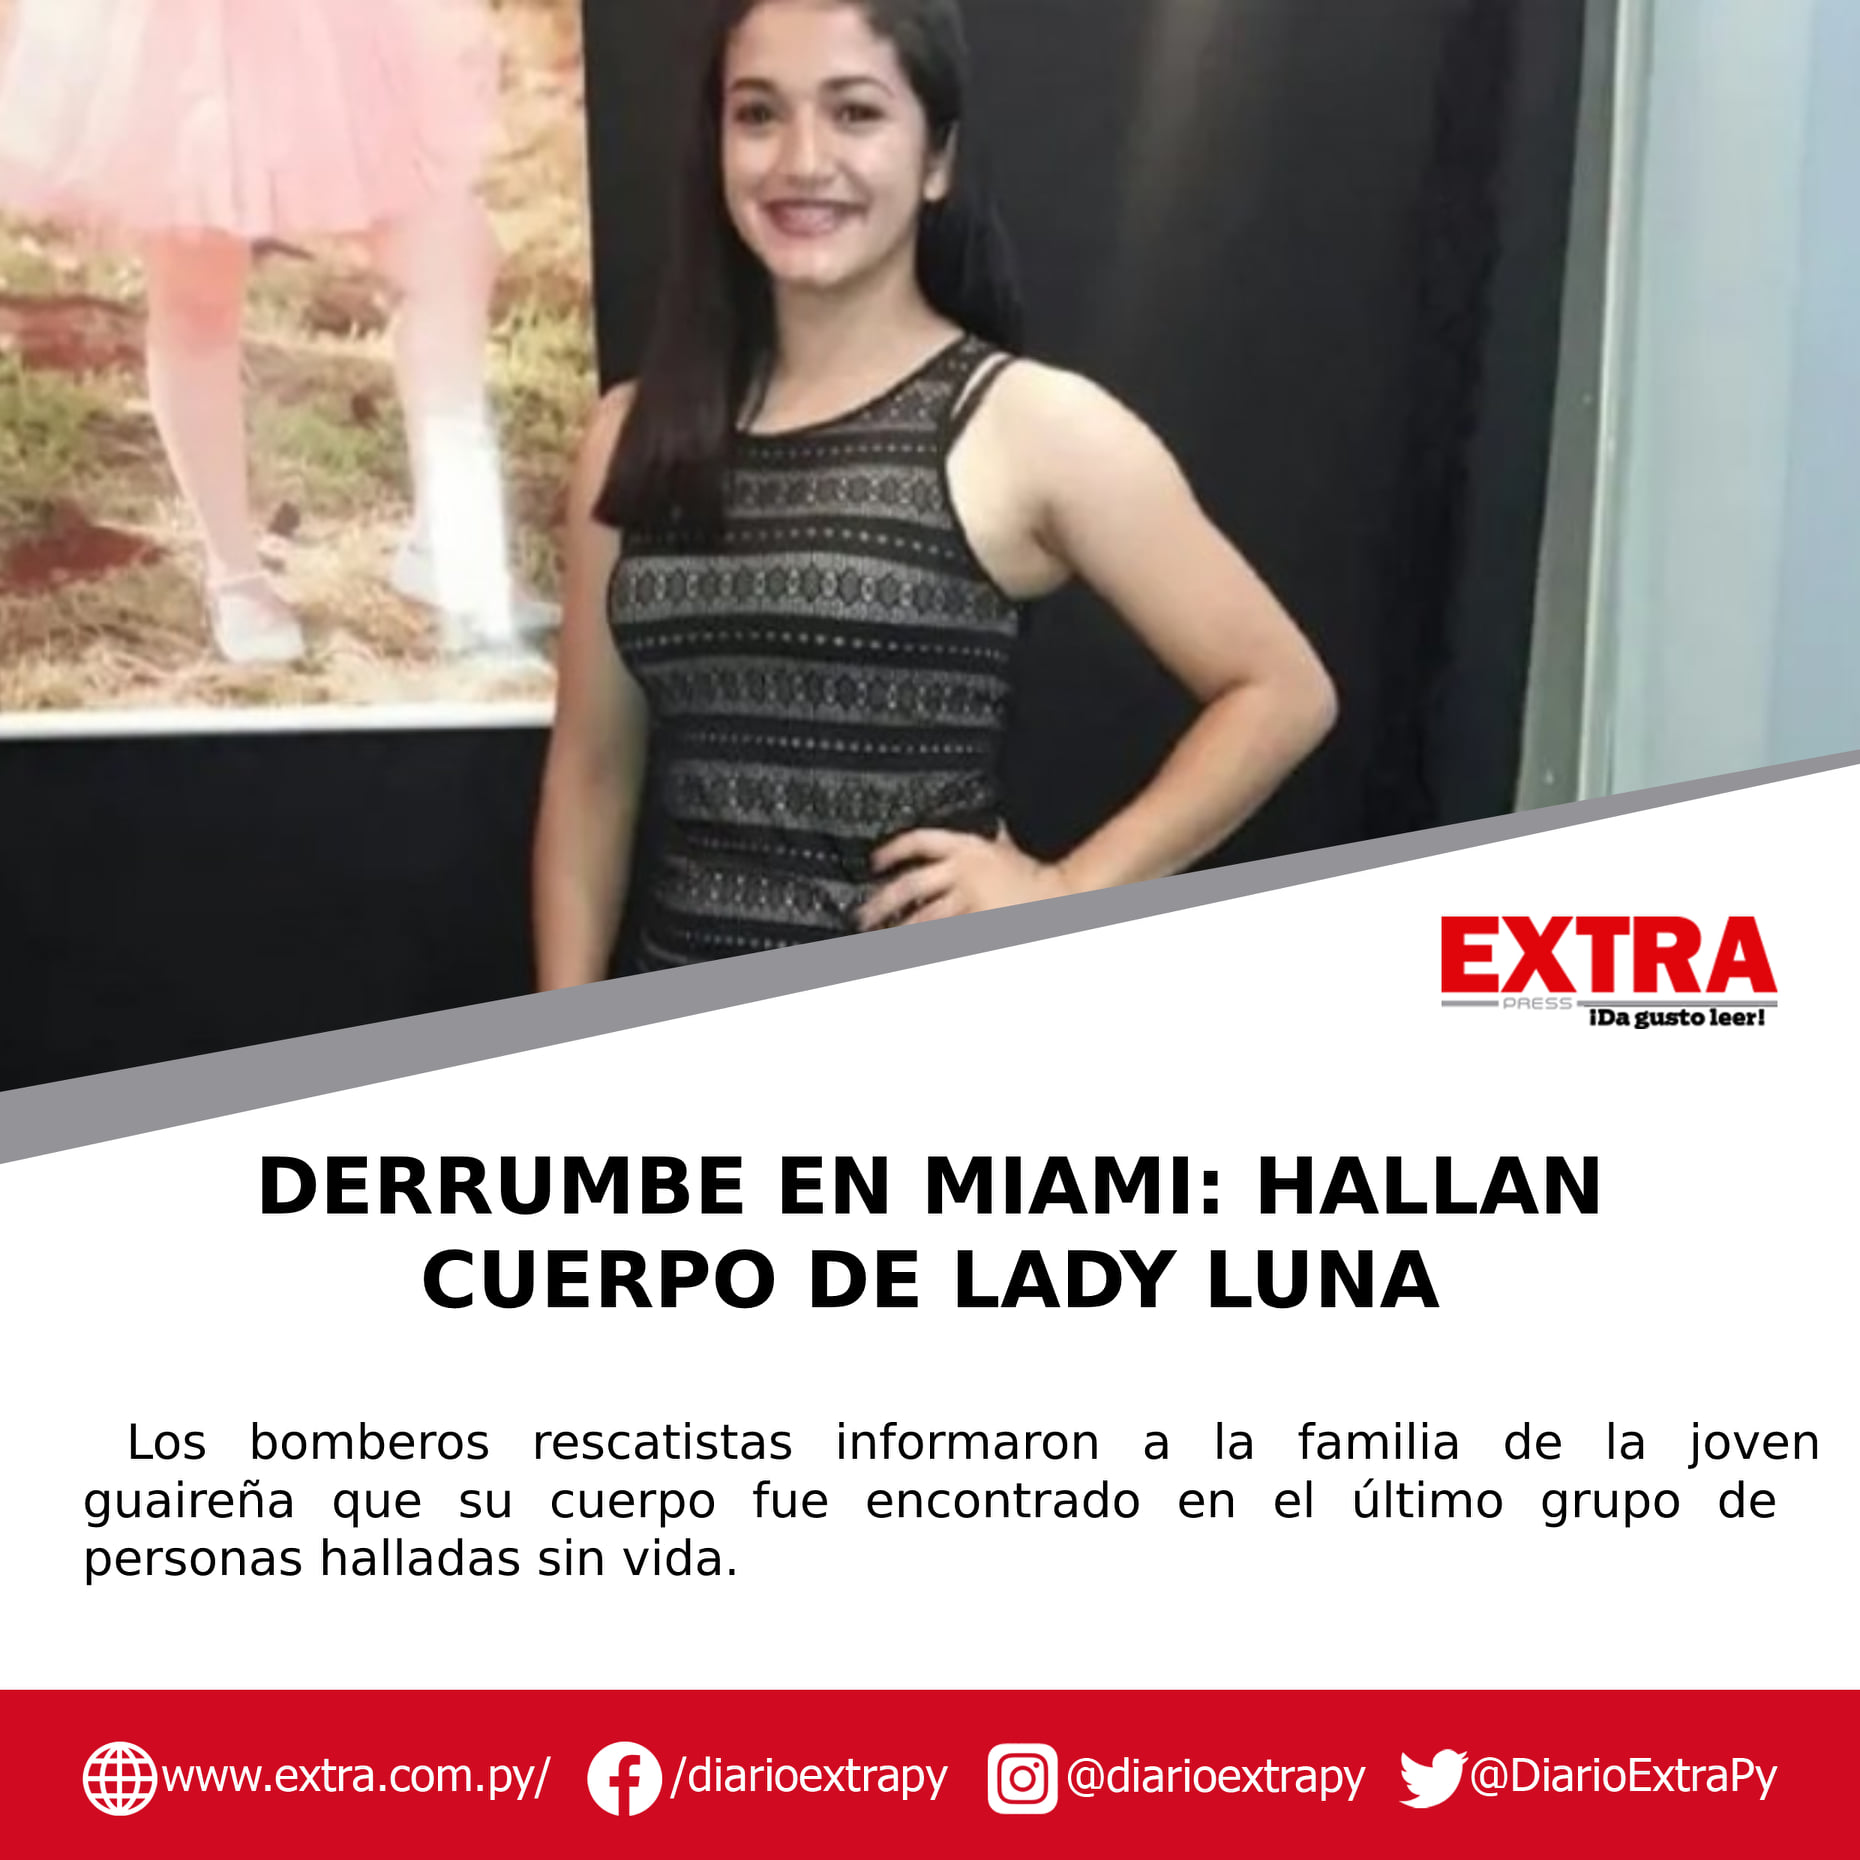 Encontraron el cuerpo de la compatriota Leidy Luna entre los escombros del edificio derrumbado en Miami.